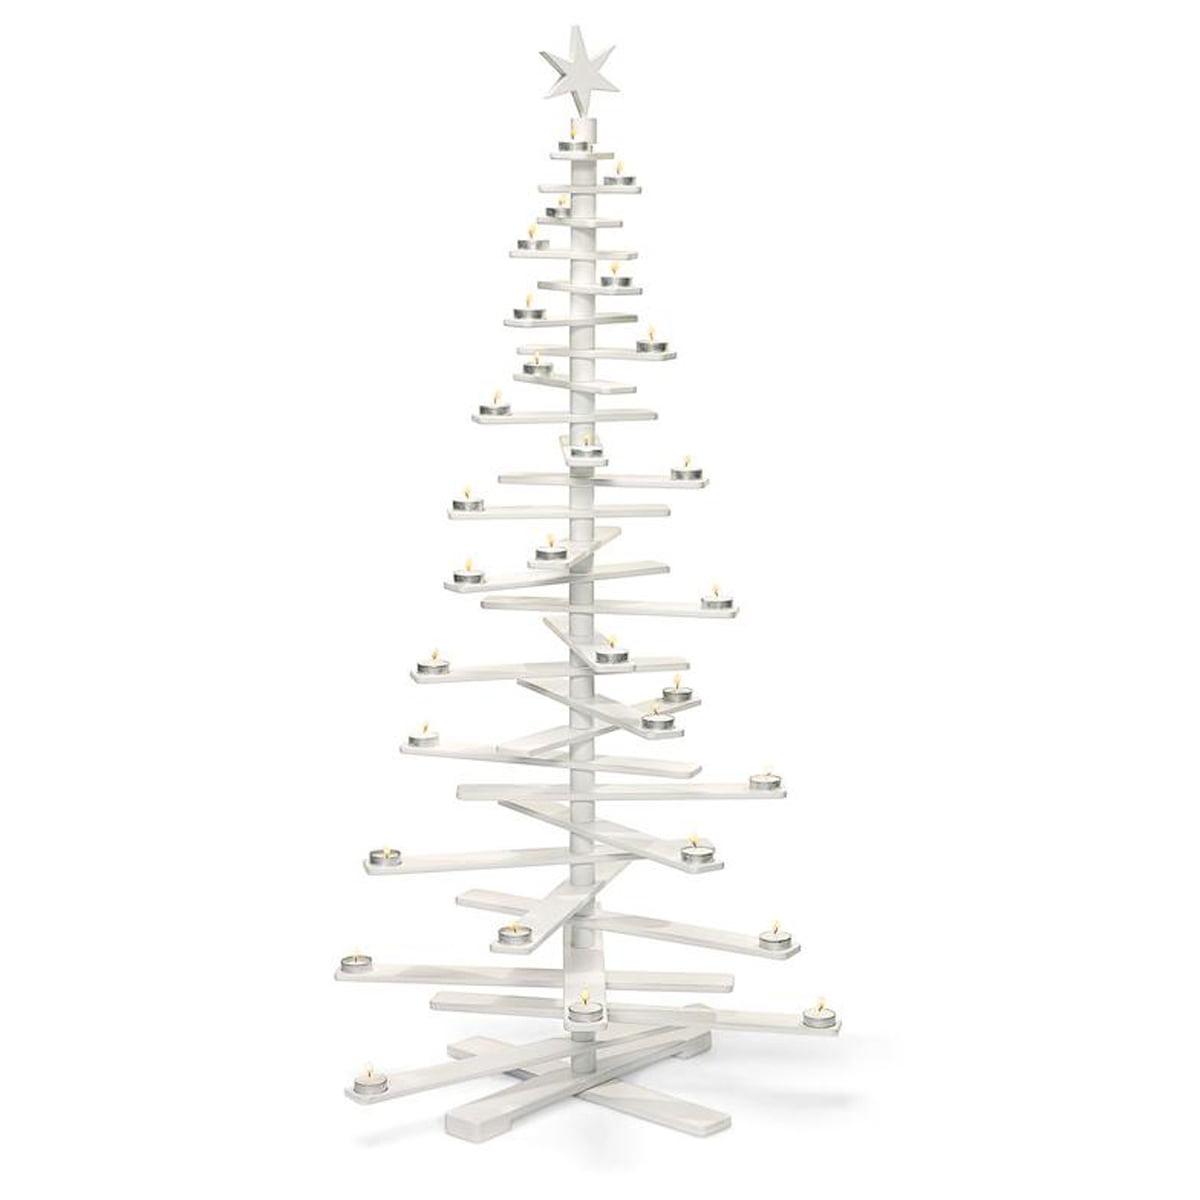 Tolle Frei Bedruckbarer Weihnachtsbaum Ideen - Framing Malvorlagen ...